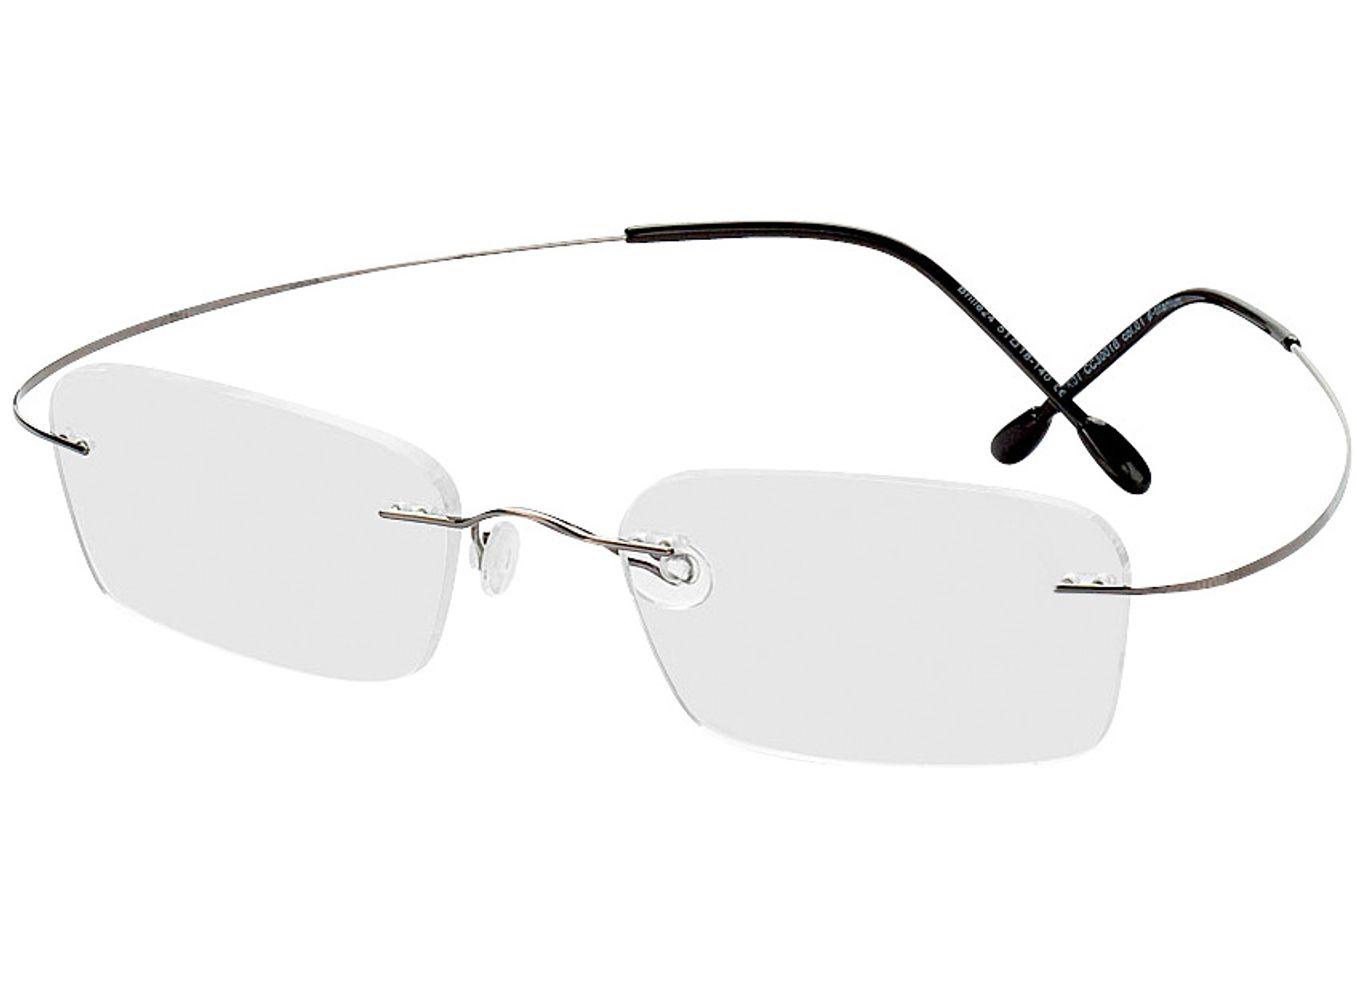 1096-singlevision-0000 Mackay-grau Gleitsichtbrille, Randlos, Rechteckig Brille24 Collection